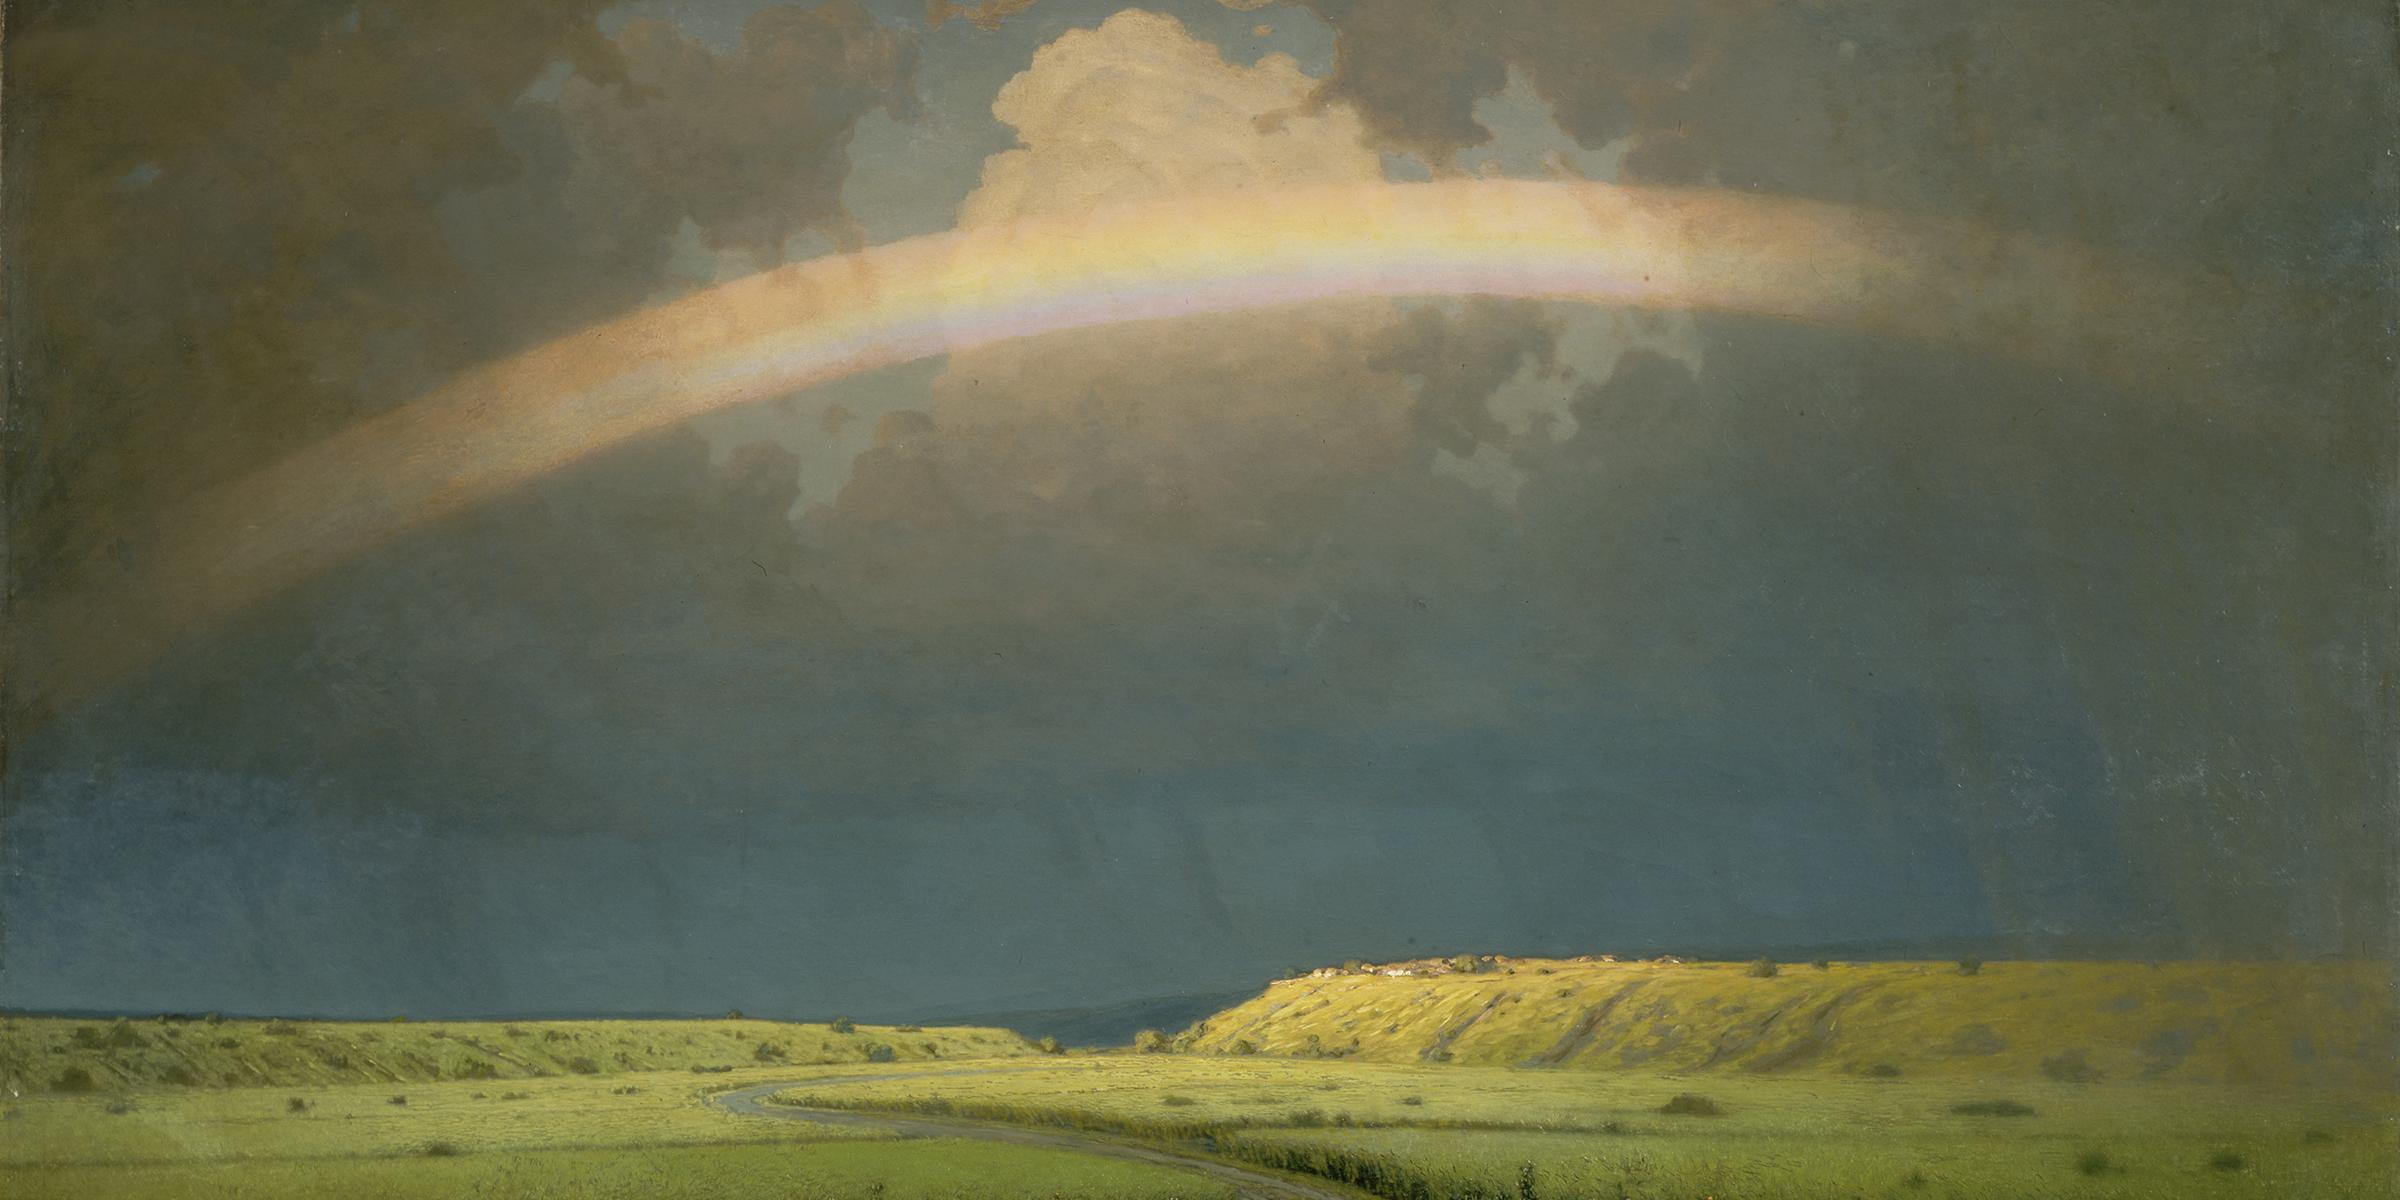 The Rainbow (detail), by Arkhip Kuindzhi, c. 1900. © Scala/Art Resource, NY.